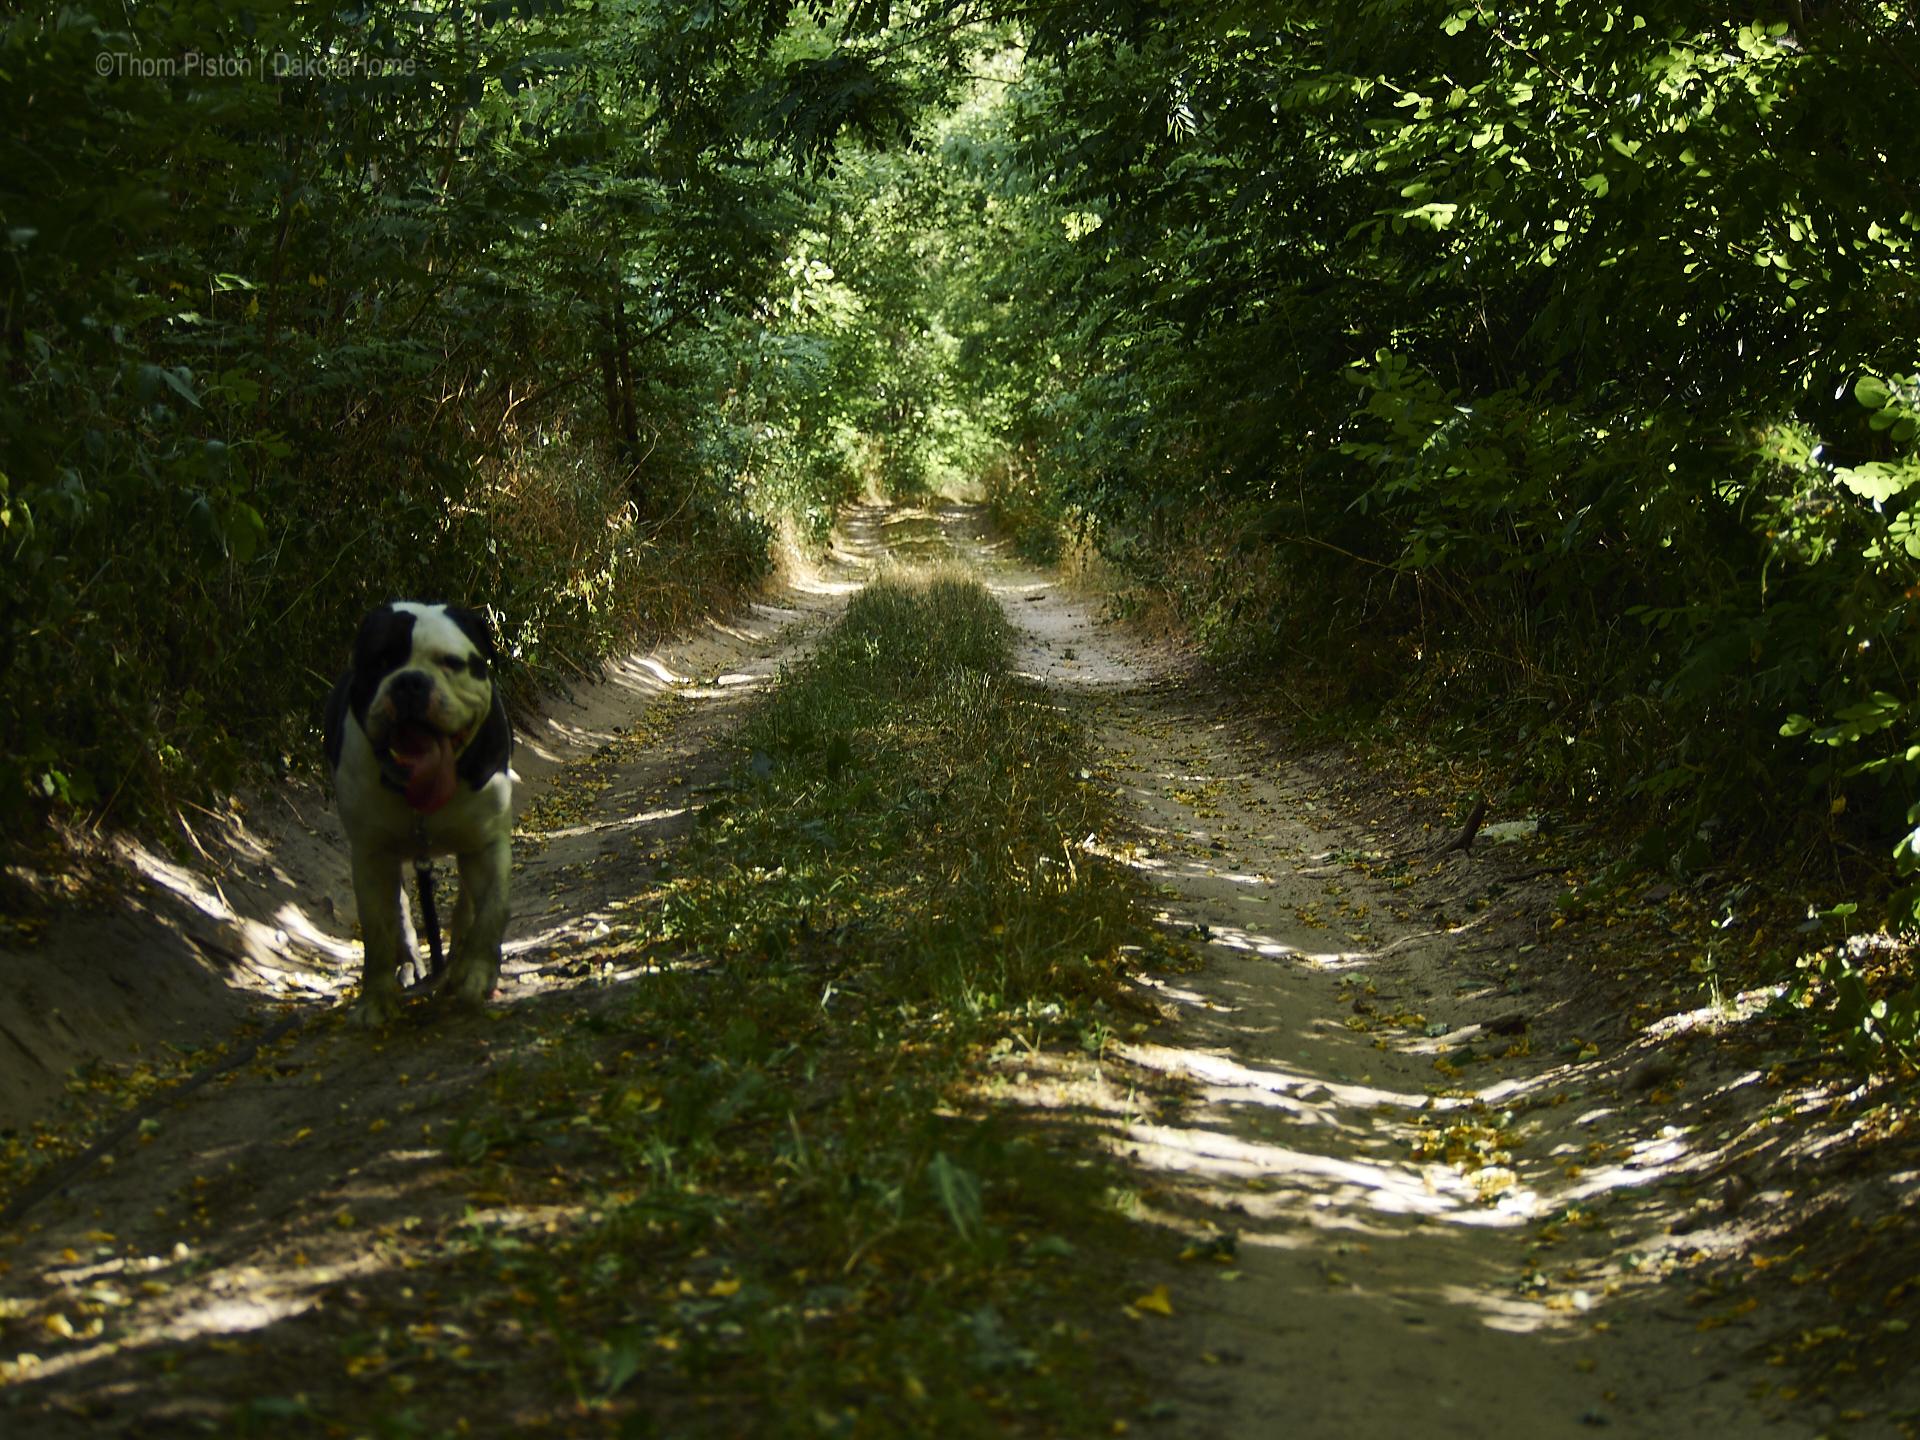 ...meinen Partner, der Olde British Bulldog, stresst die Hitze extrem...aber früh Morgens gehts...irgendwie...